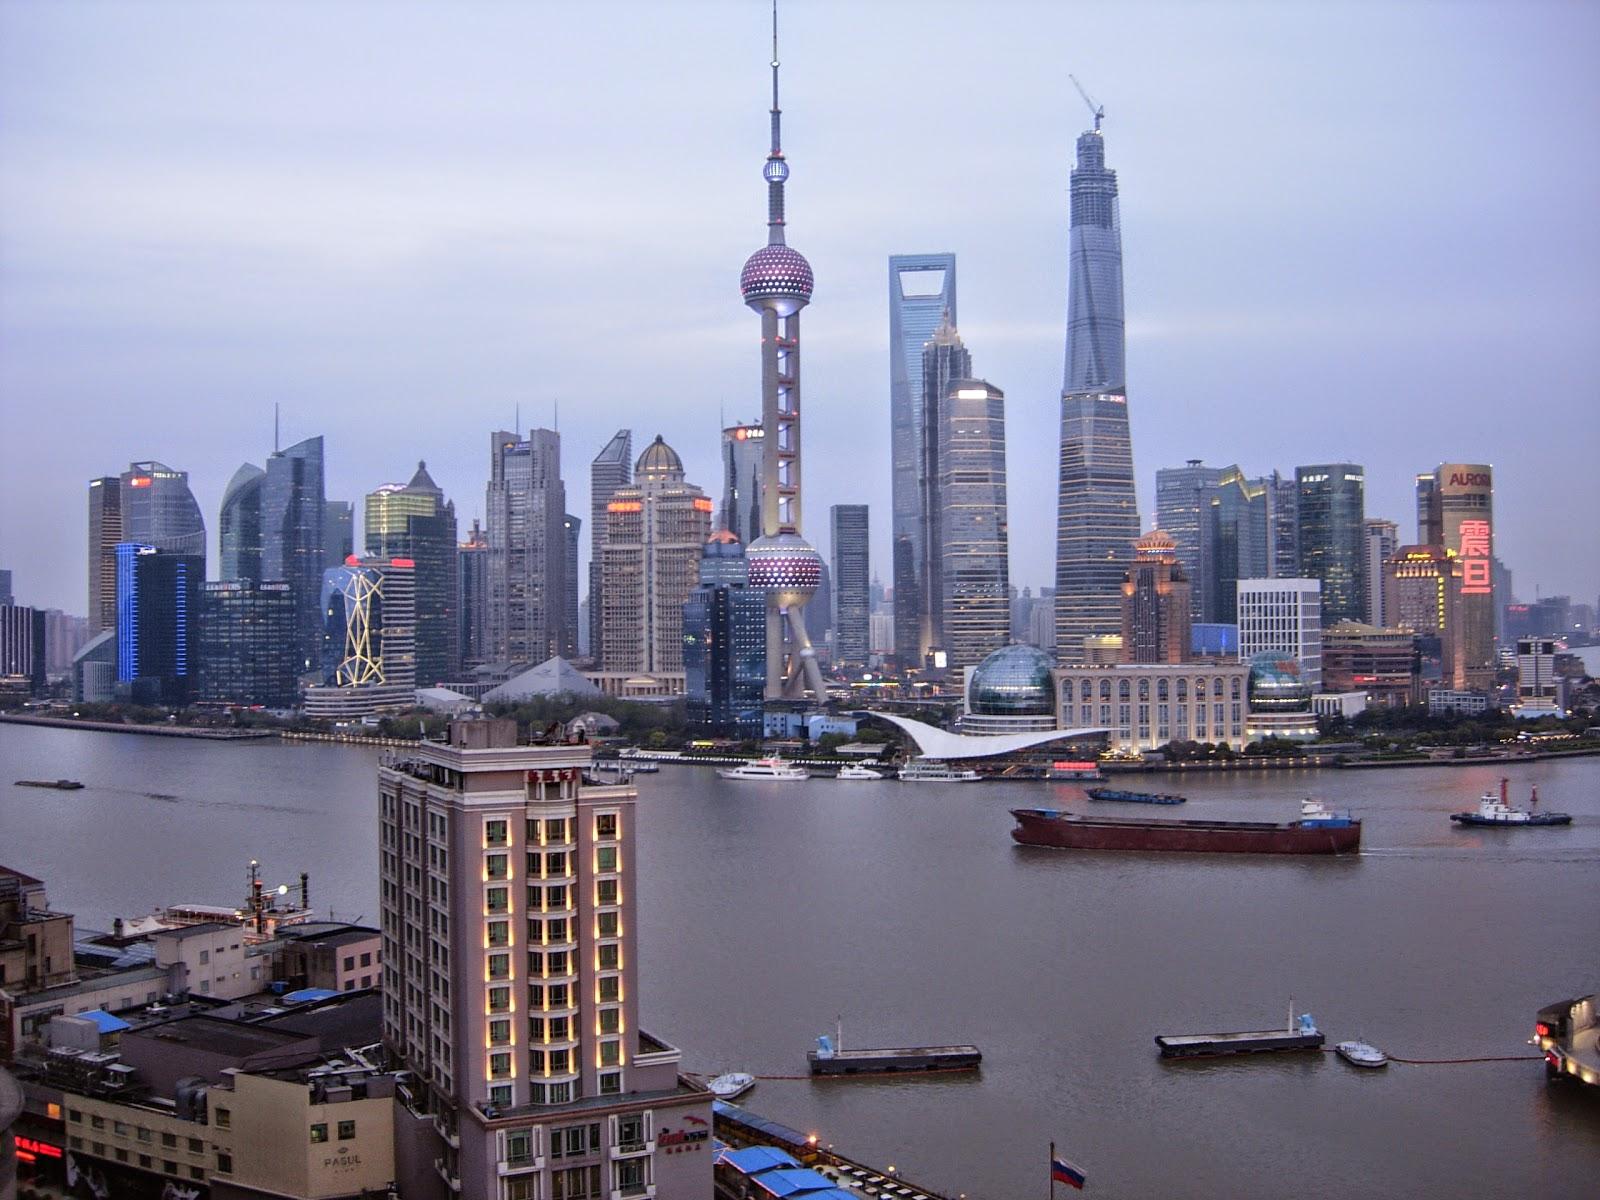 shanghai: tutti pazzi per lo shopping!